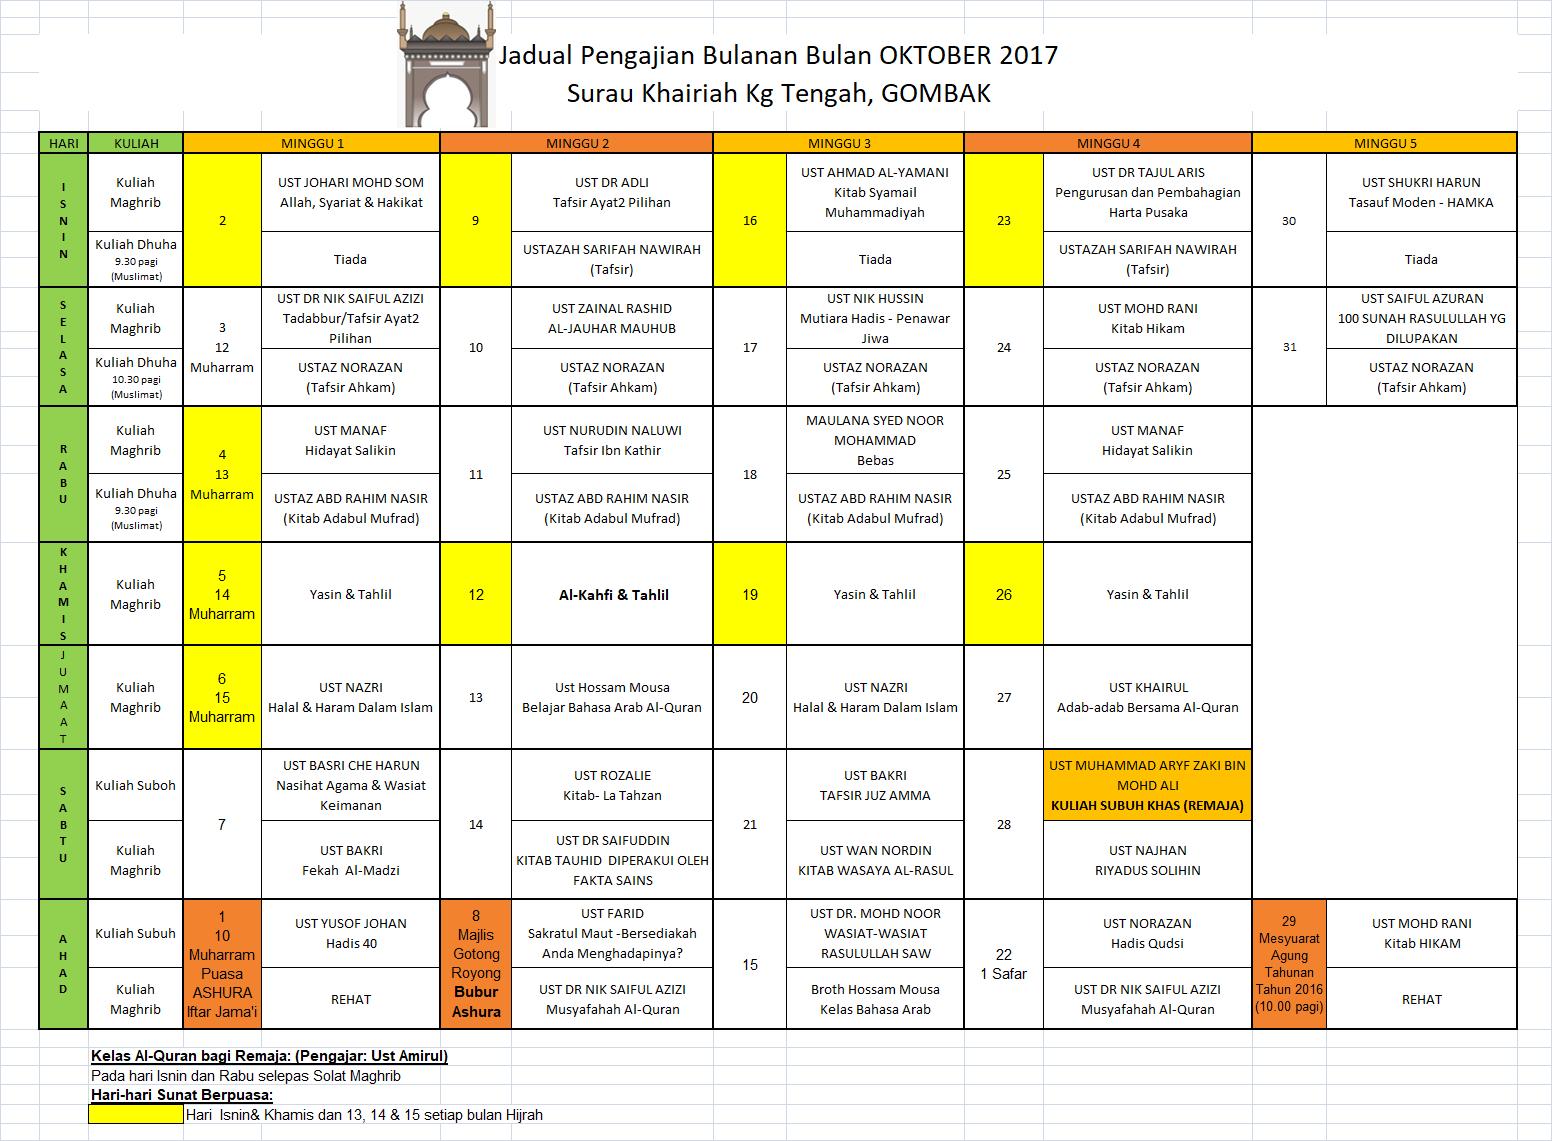 Jadual Okt 2017